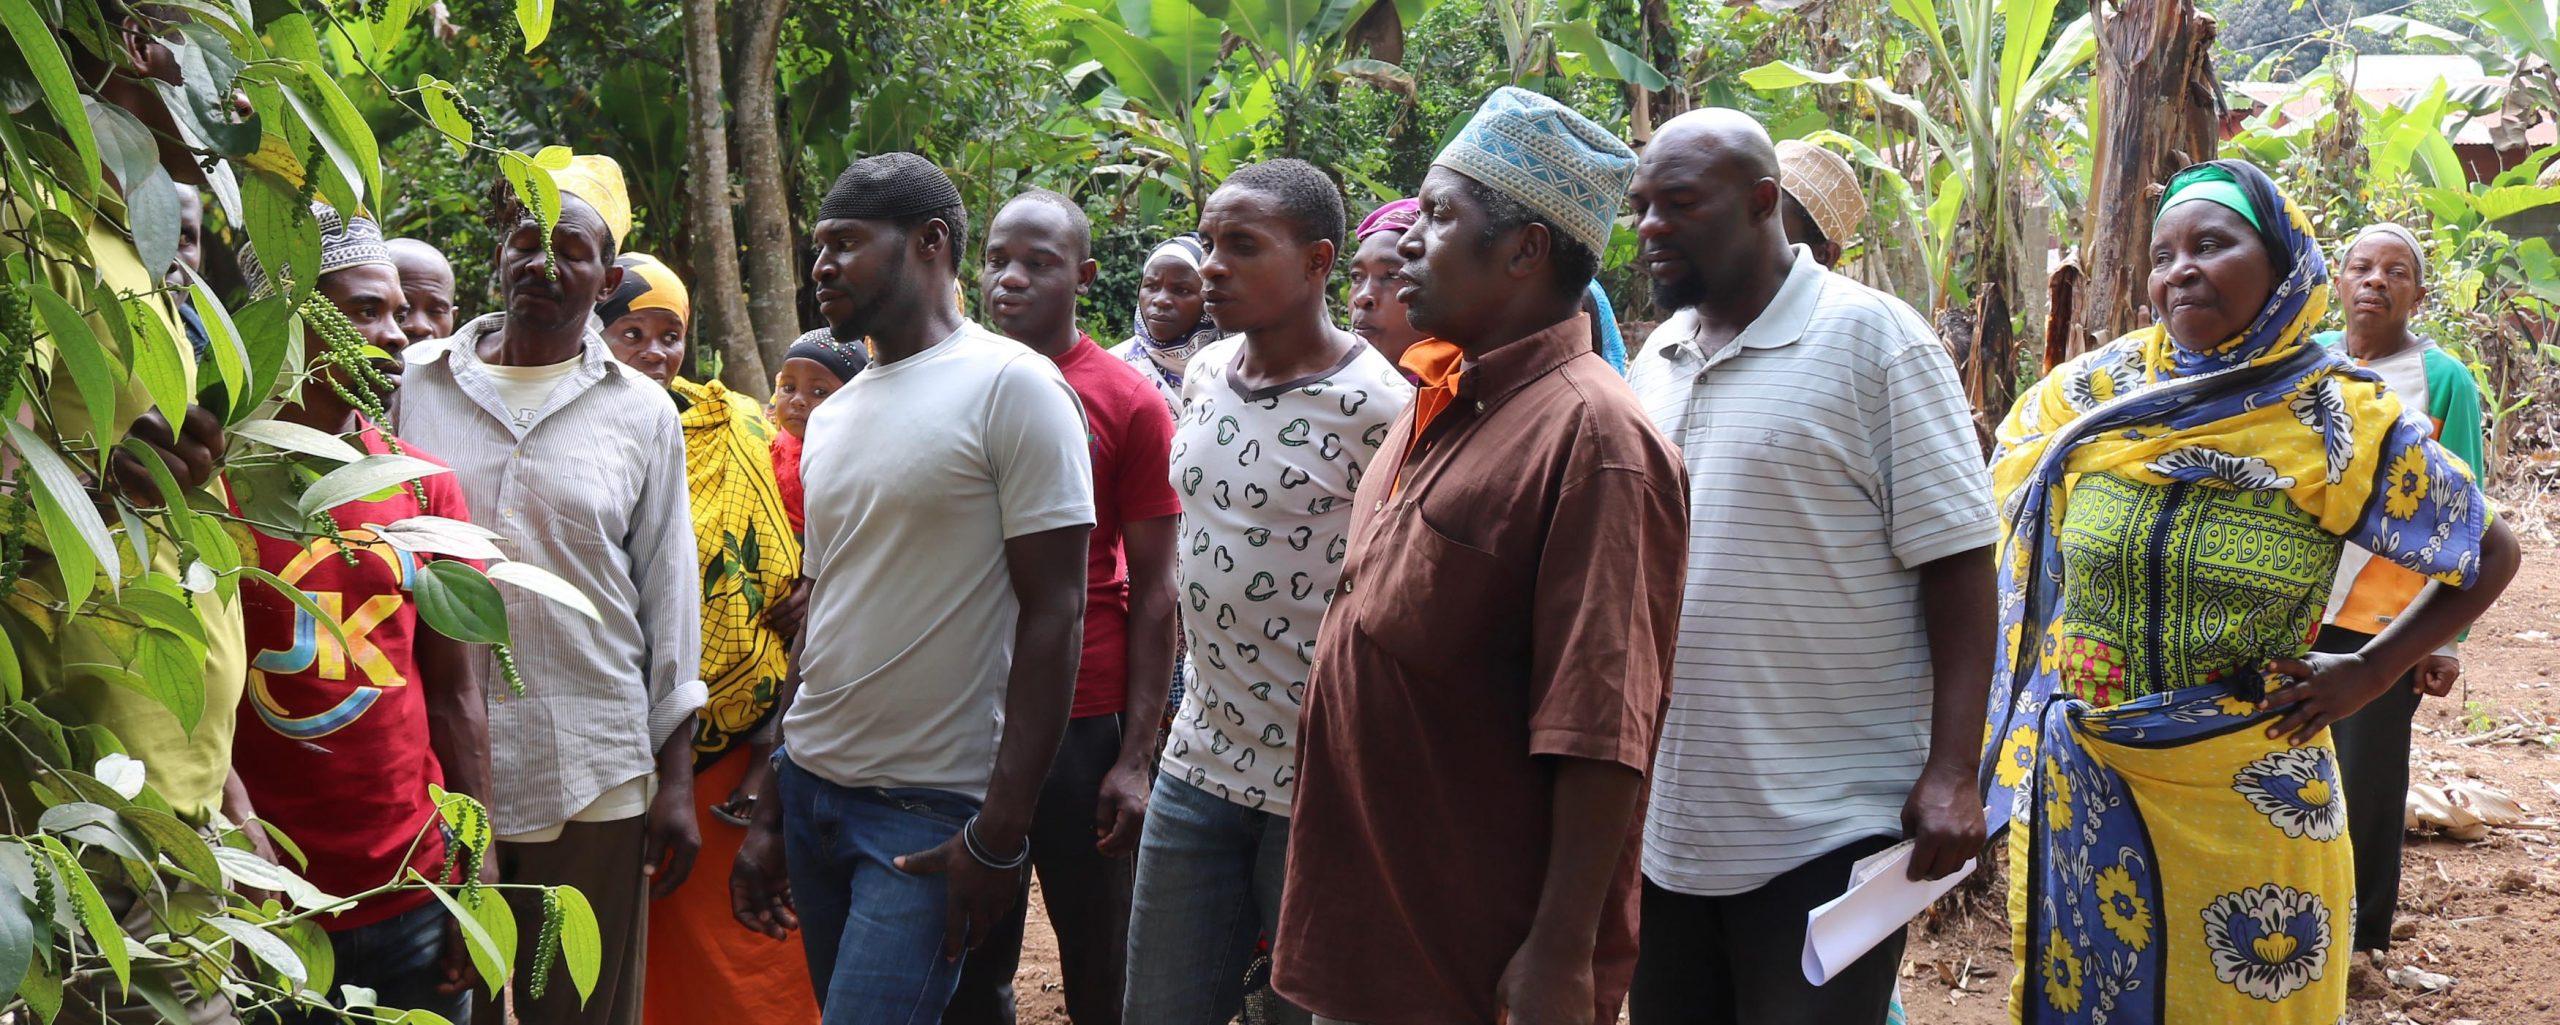 Bauerngruppe schaut sich Pfefferpflanze an